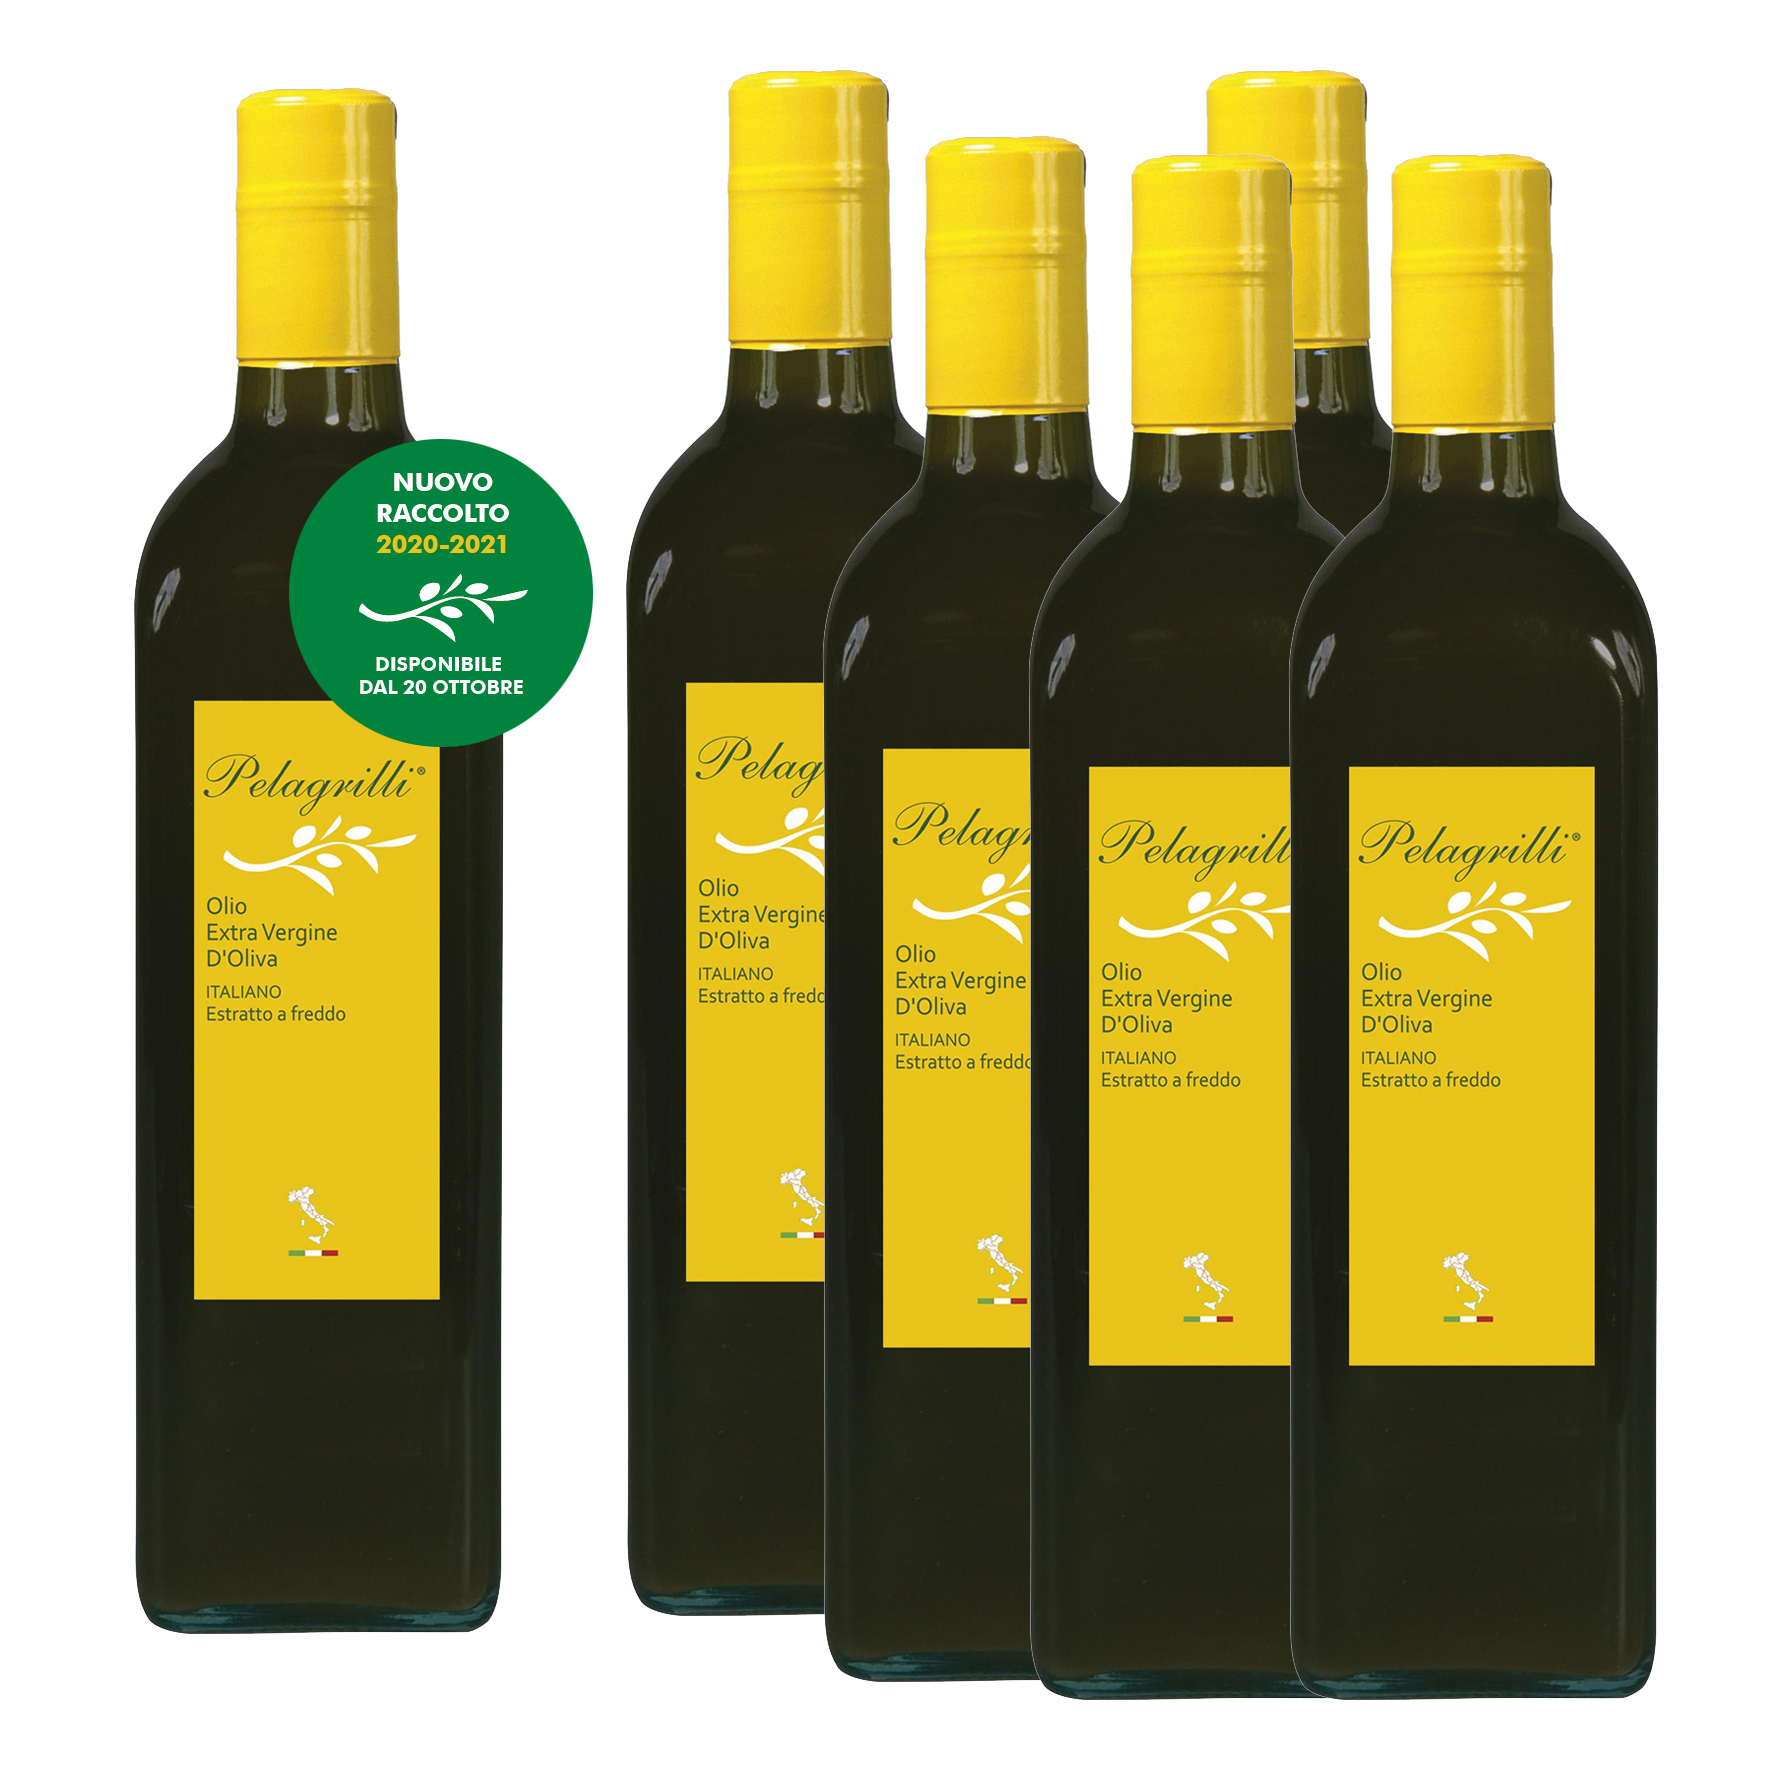 100% ITALIANO - Olio extravergine di oliva - confezione da 6 bottiglie da LT 0,75 ciascuna - Raccolto 2020-2021 - estratto a freddo - FILTRATO